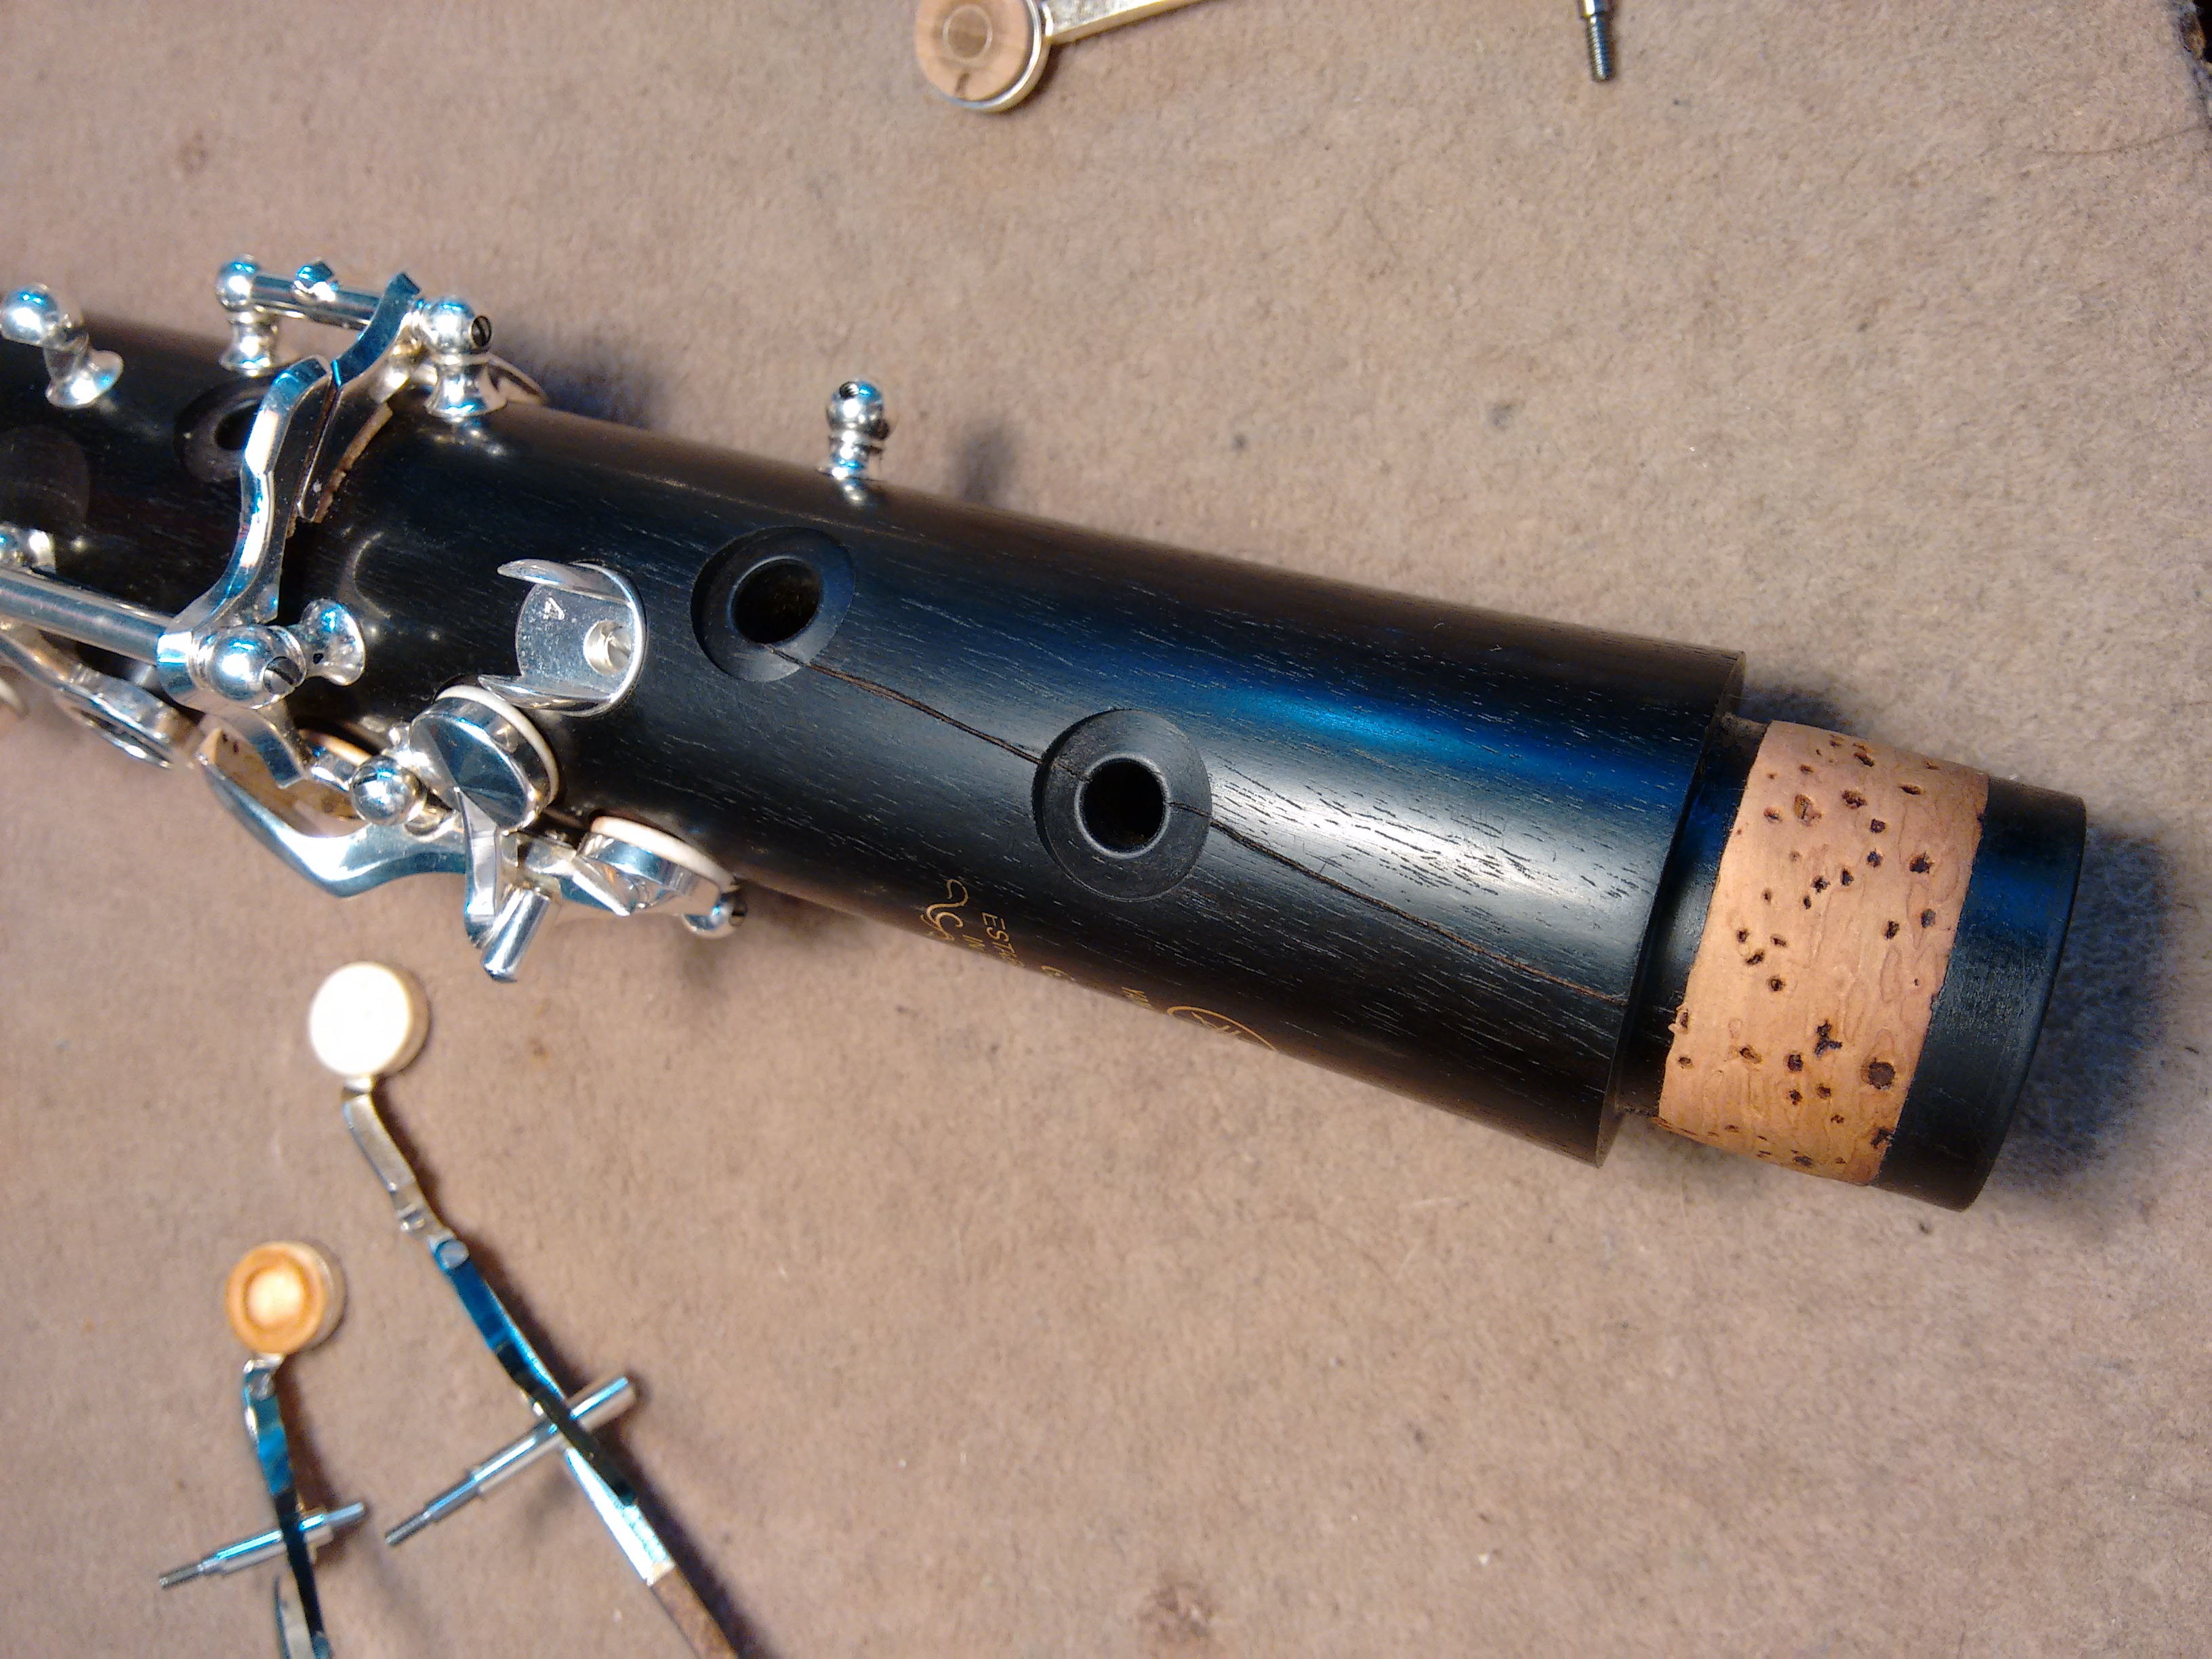 Raja en el cuerpo superior pasando por 2 orificios de un clarinete Yamaha YCL-650